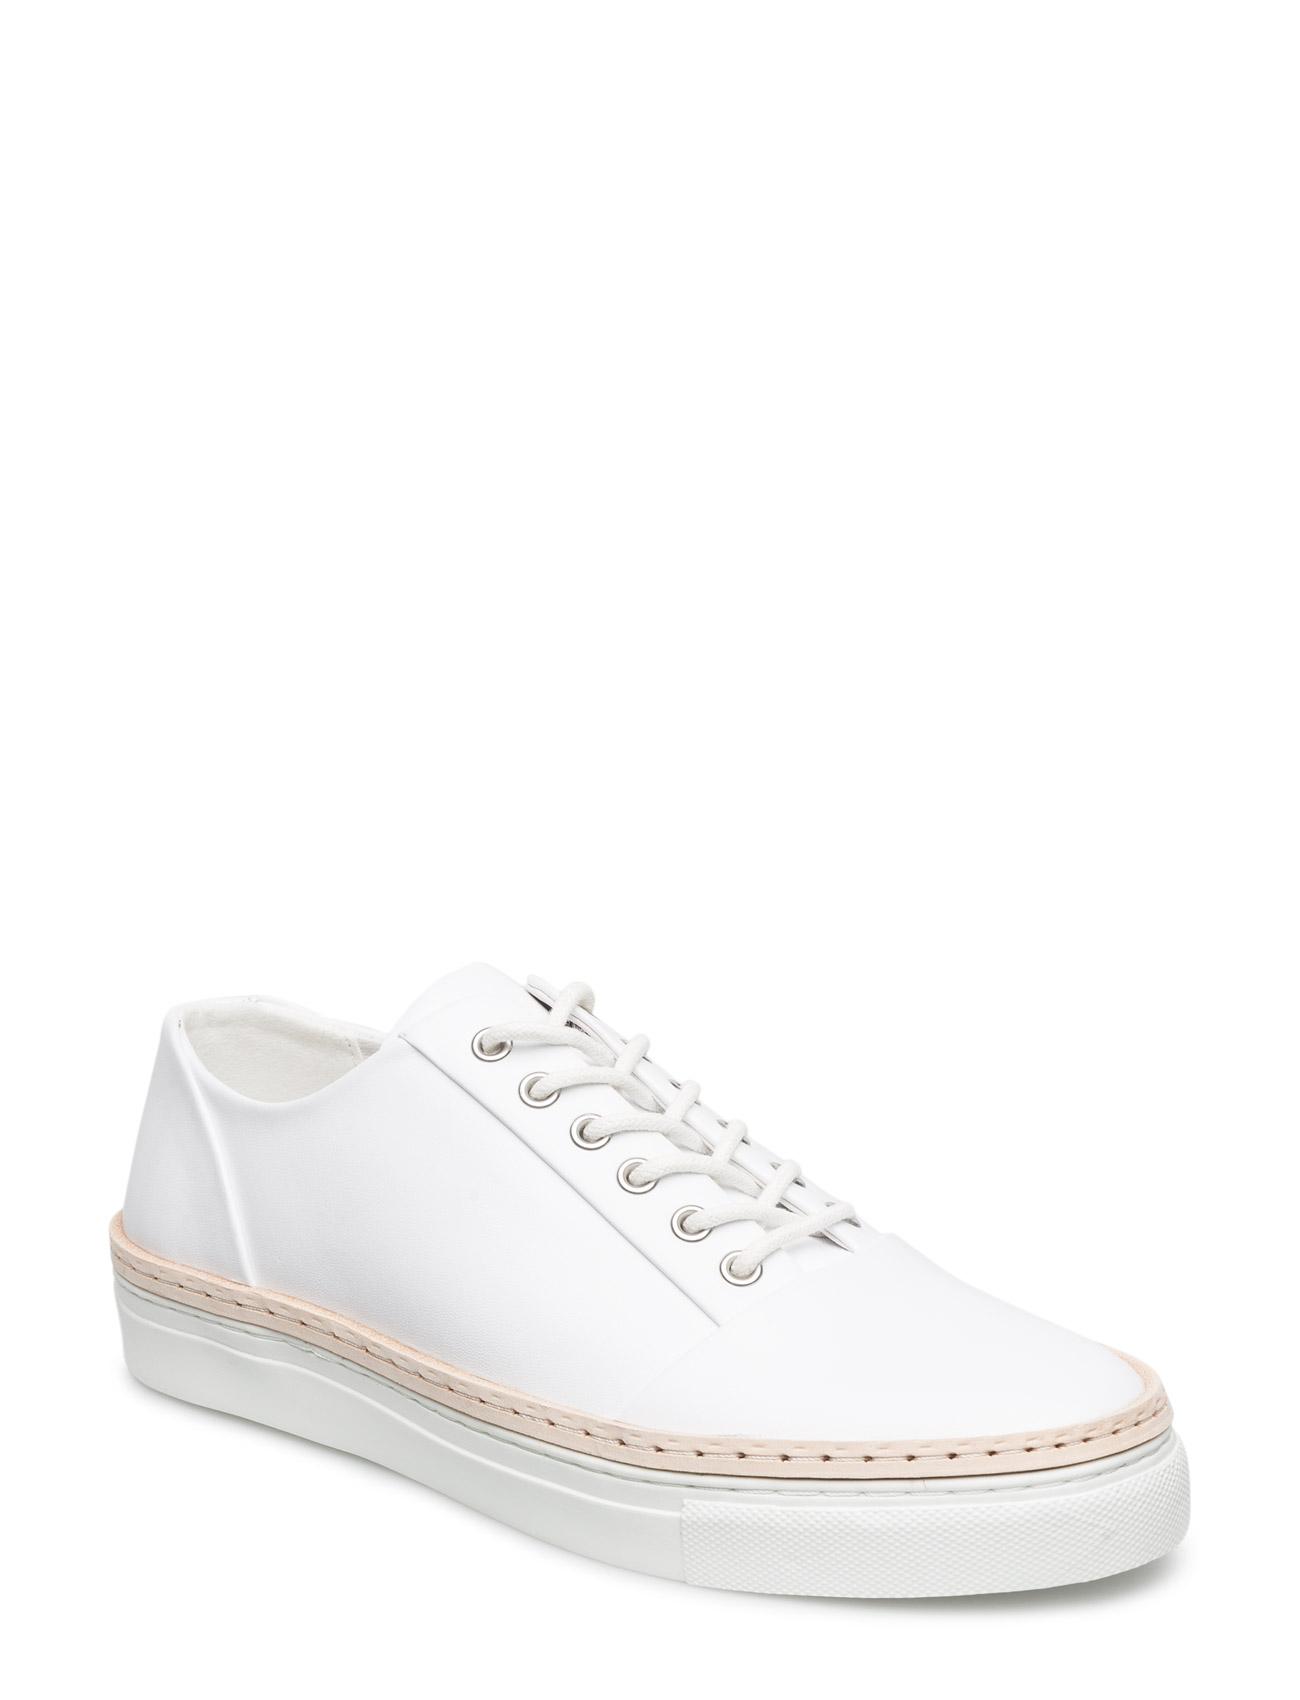 Beeton Whyred Sneakers til Damer i